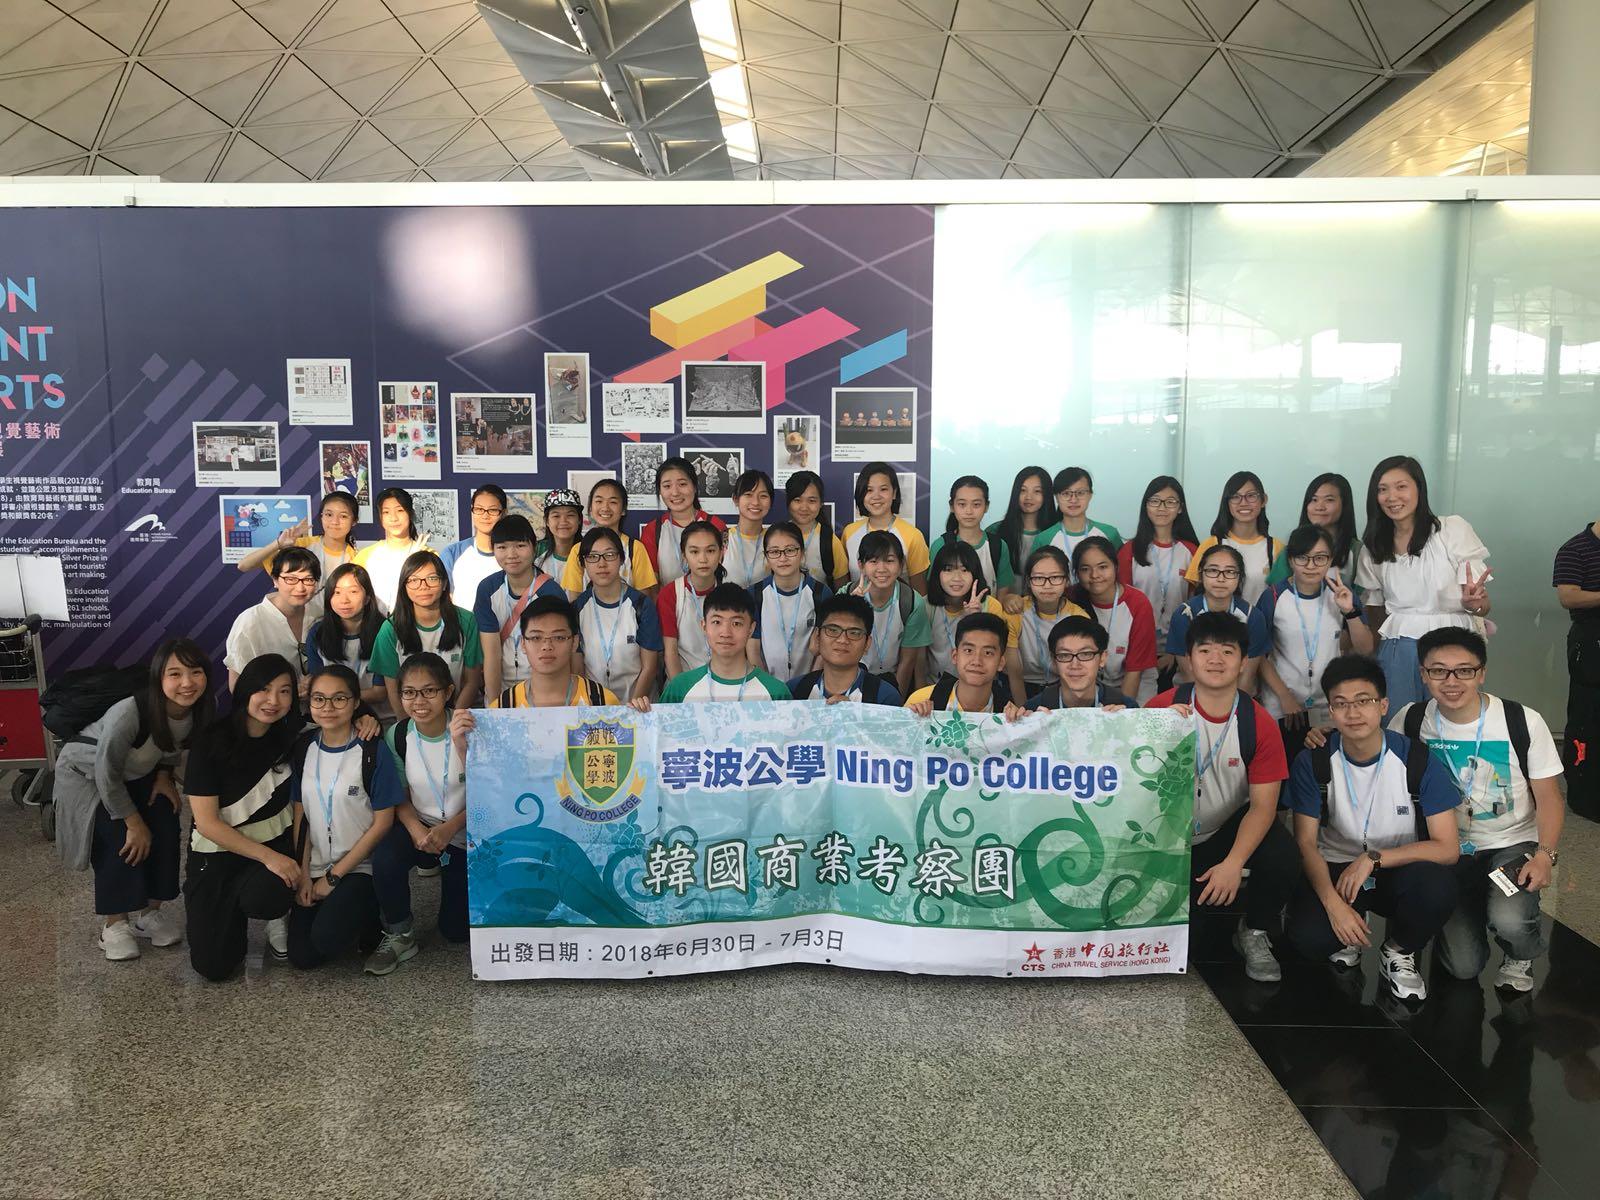 http://npc.edu.hk/sites/default/files/0a05f52d-2a2d-4314-990c-fc7c81591fe3.jpg